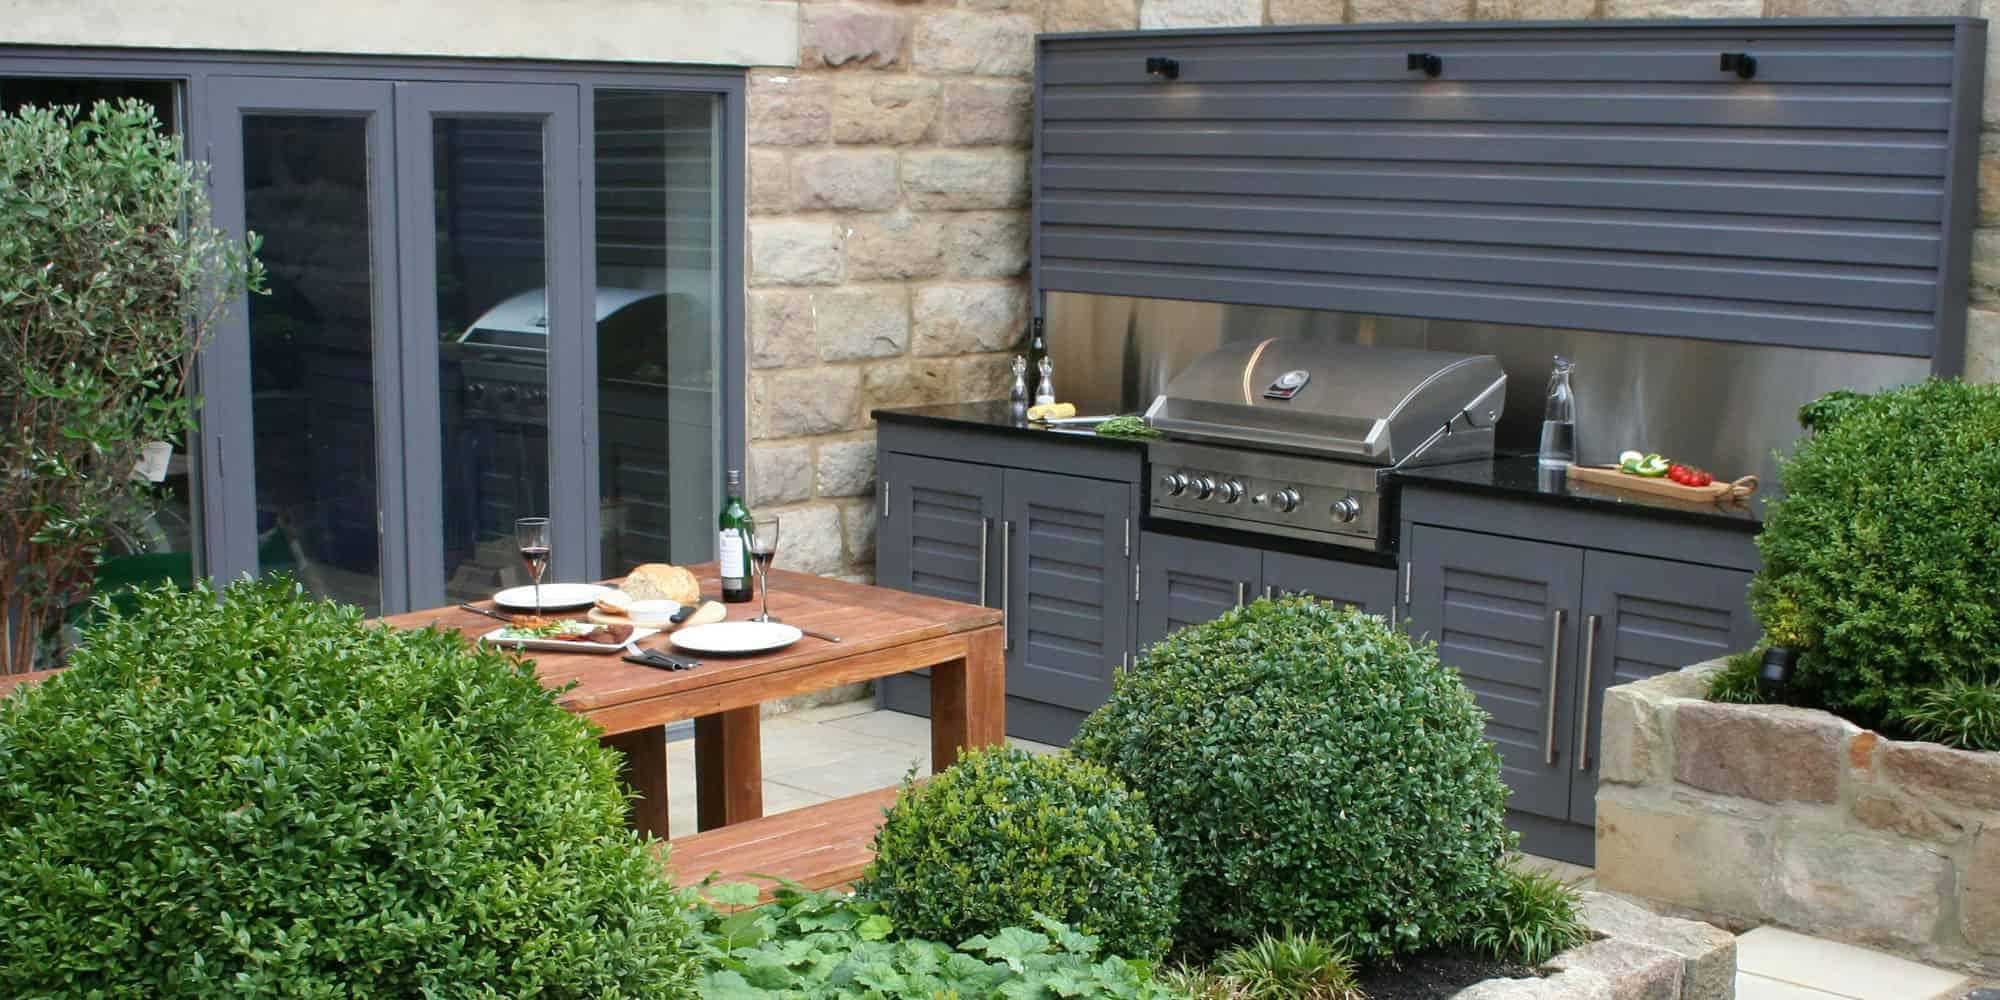 Outdoor kitchen in your garden  Bestall  Co